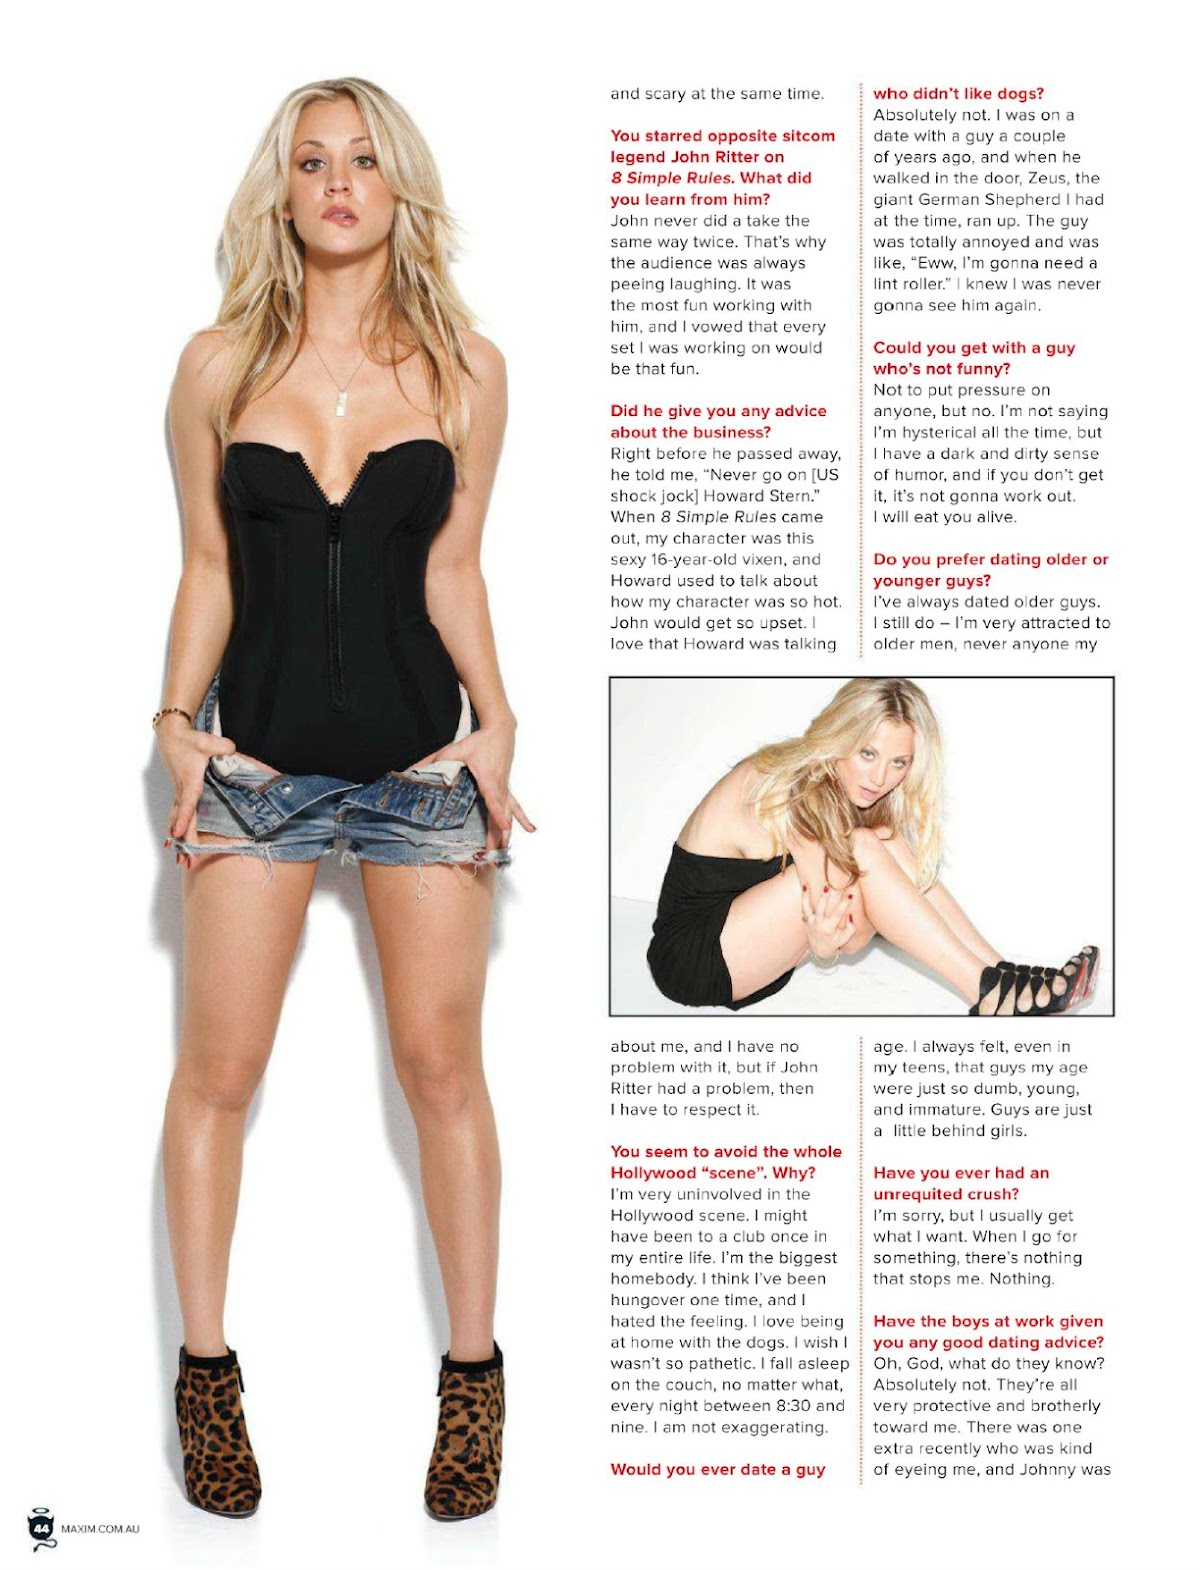 http://1.bp.blogspot.com/-U9hTzwSw9j4/T-cXMky9xsI/AAAAAAAAFGw/CyQ8o-8-m54/s1570/Kaley+Cuoco+-+Maxim+magazine+Australia+July+2012+10.jpg